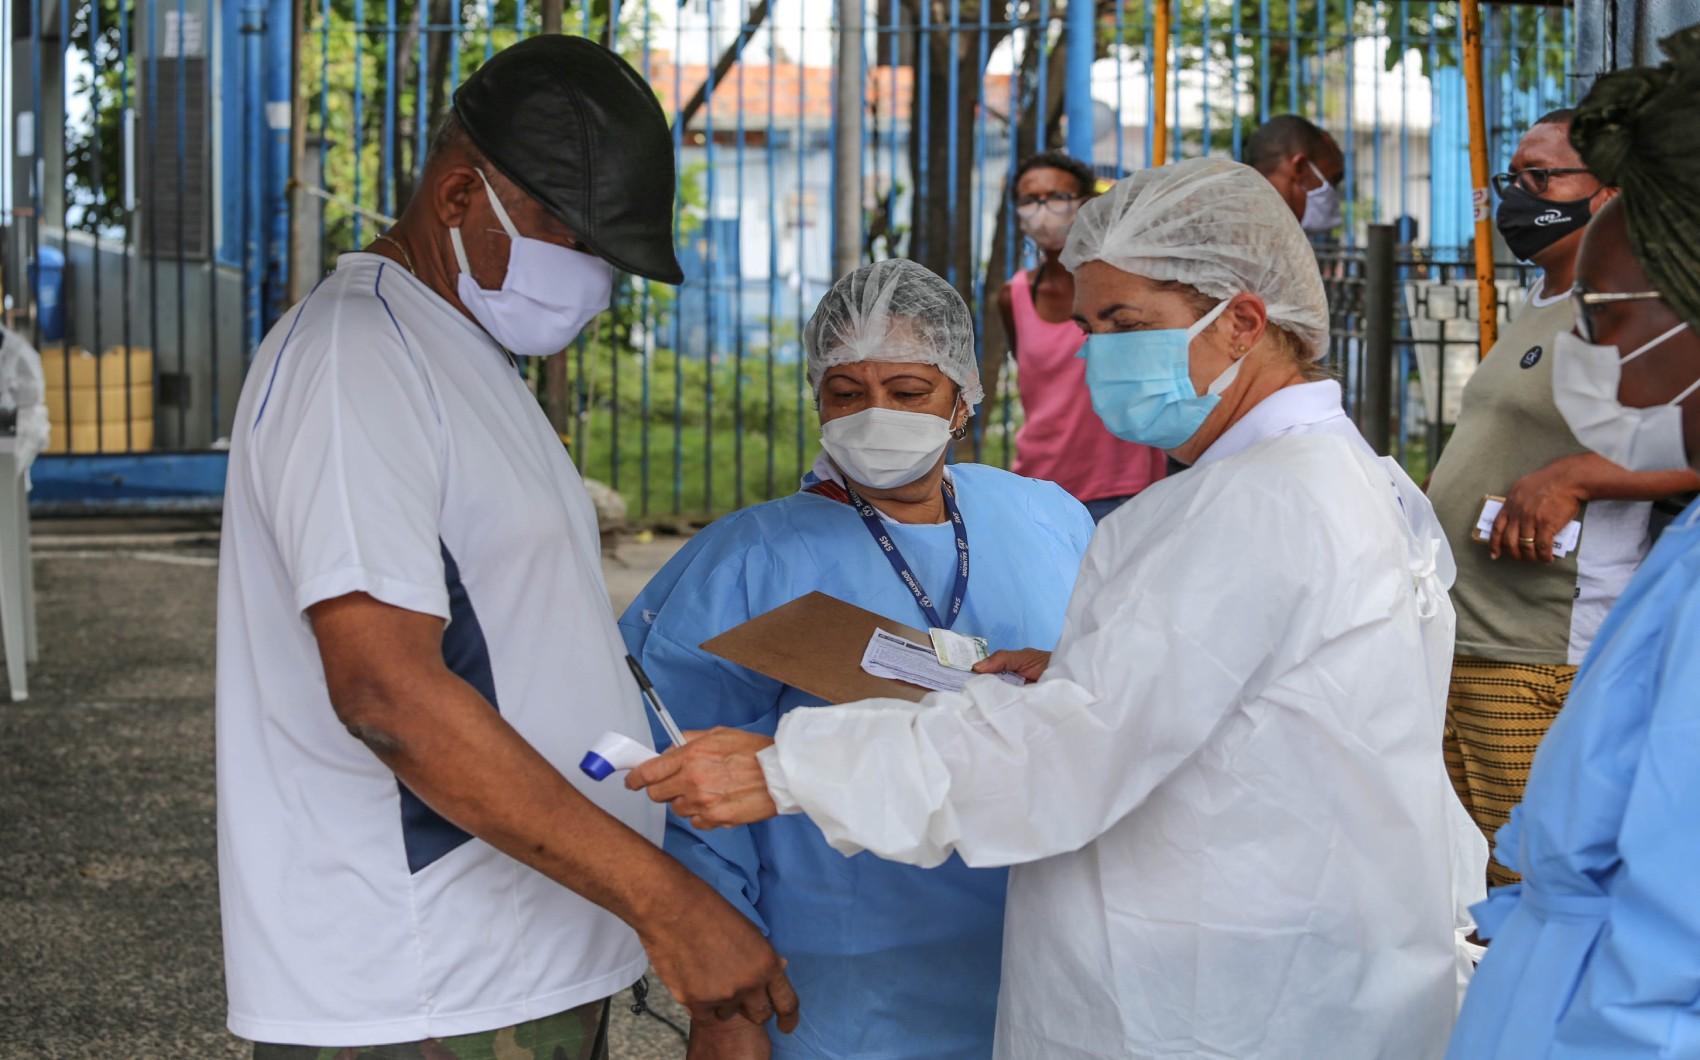 Testes detectam 175 pessoas com Covid-19 em bairros de Salvador